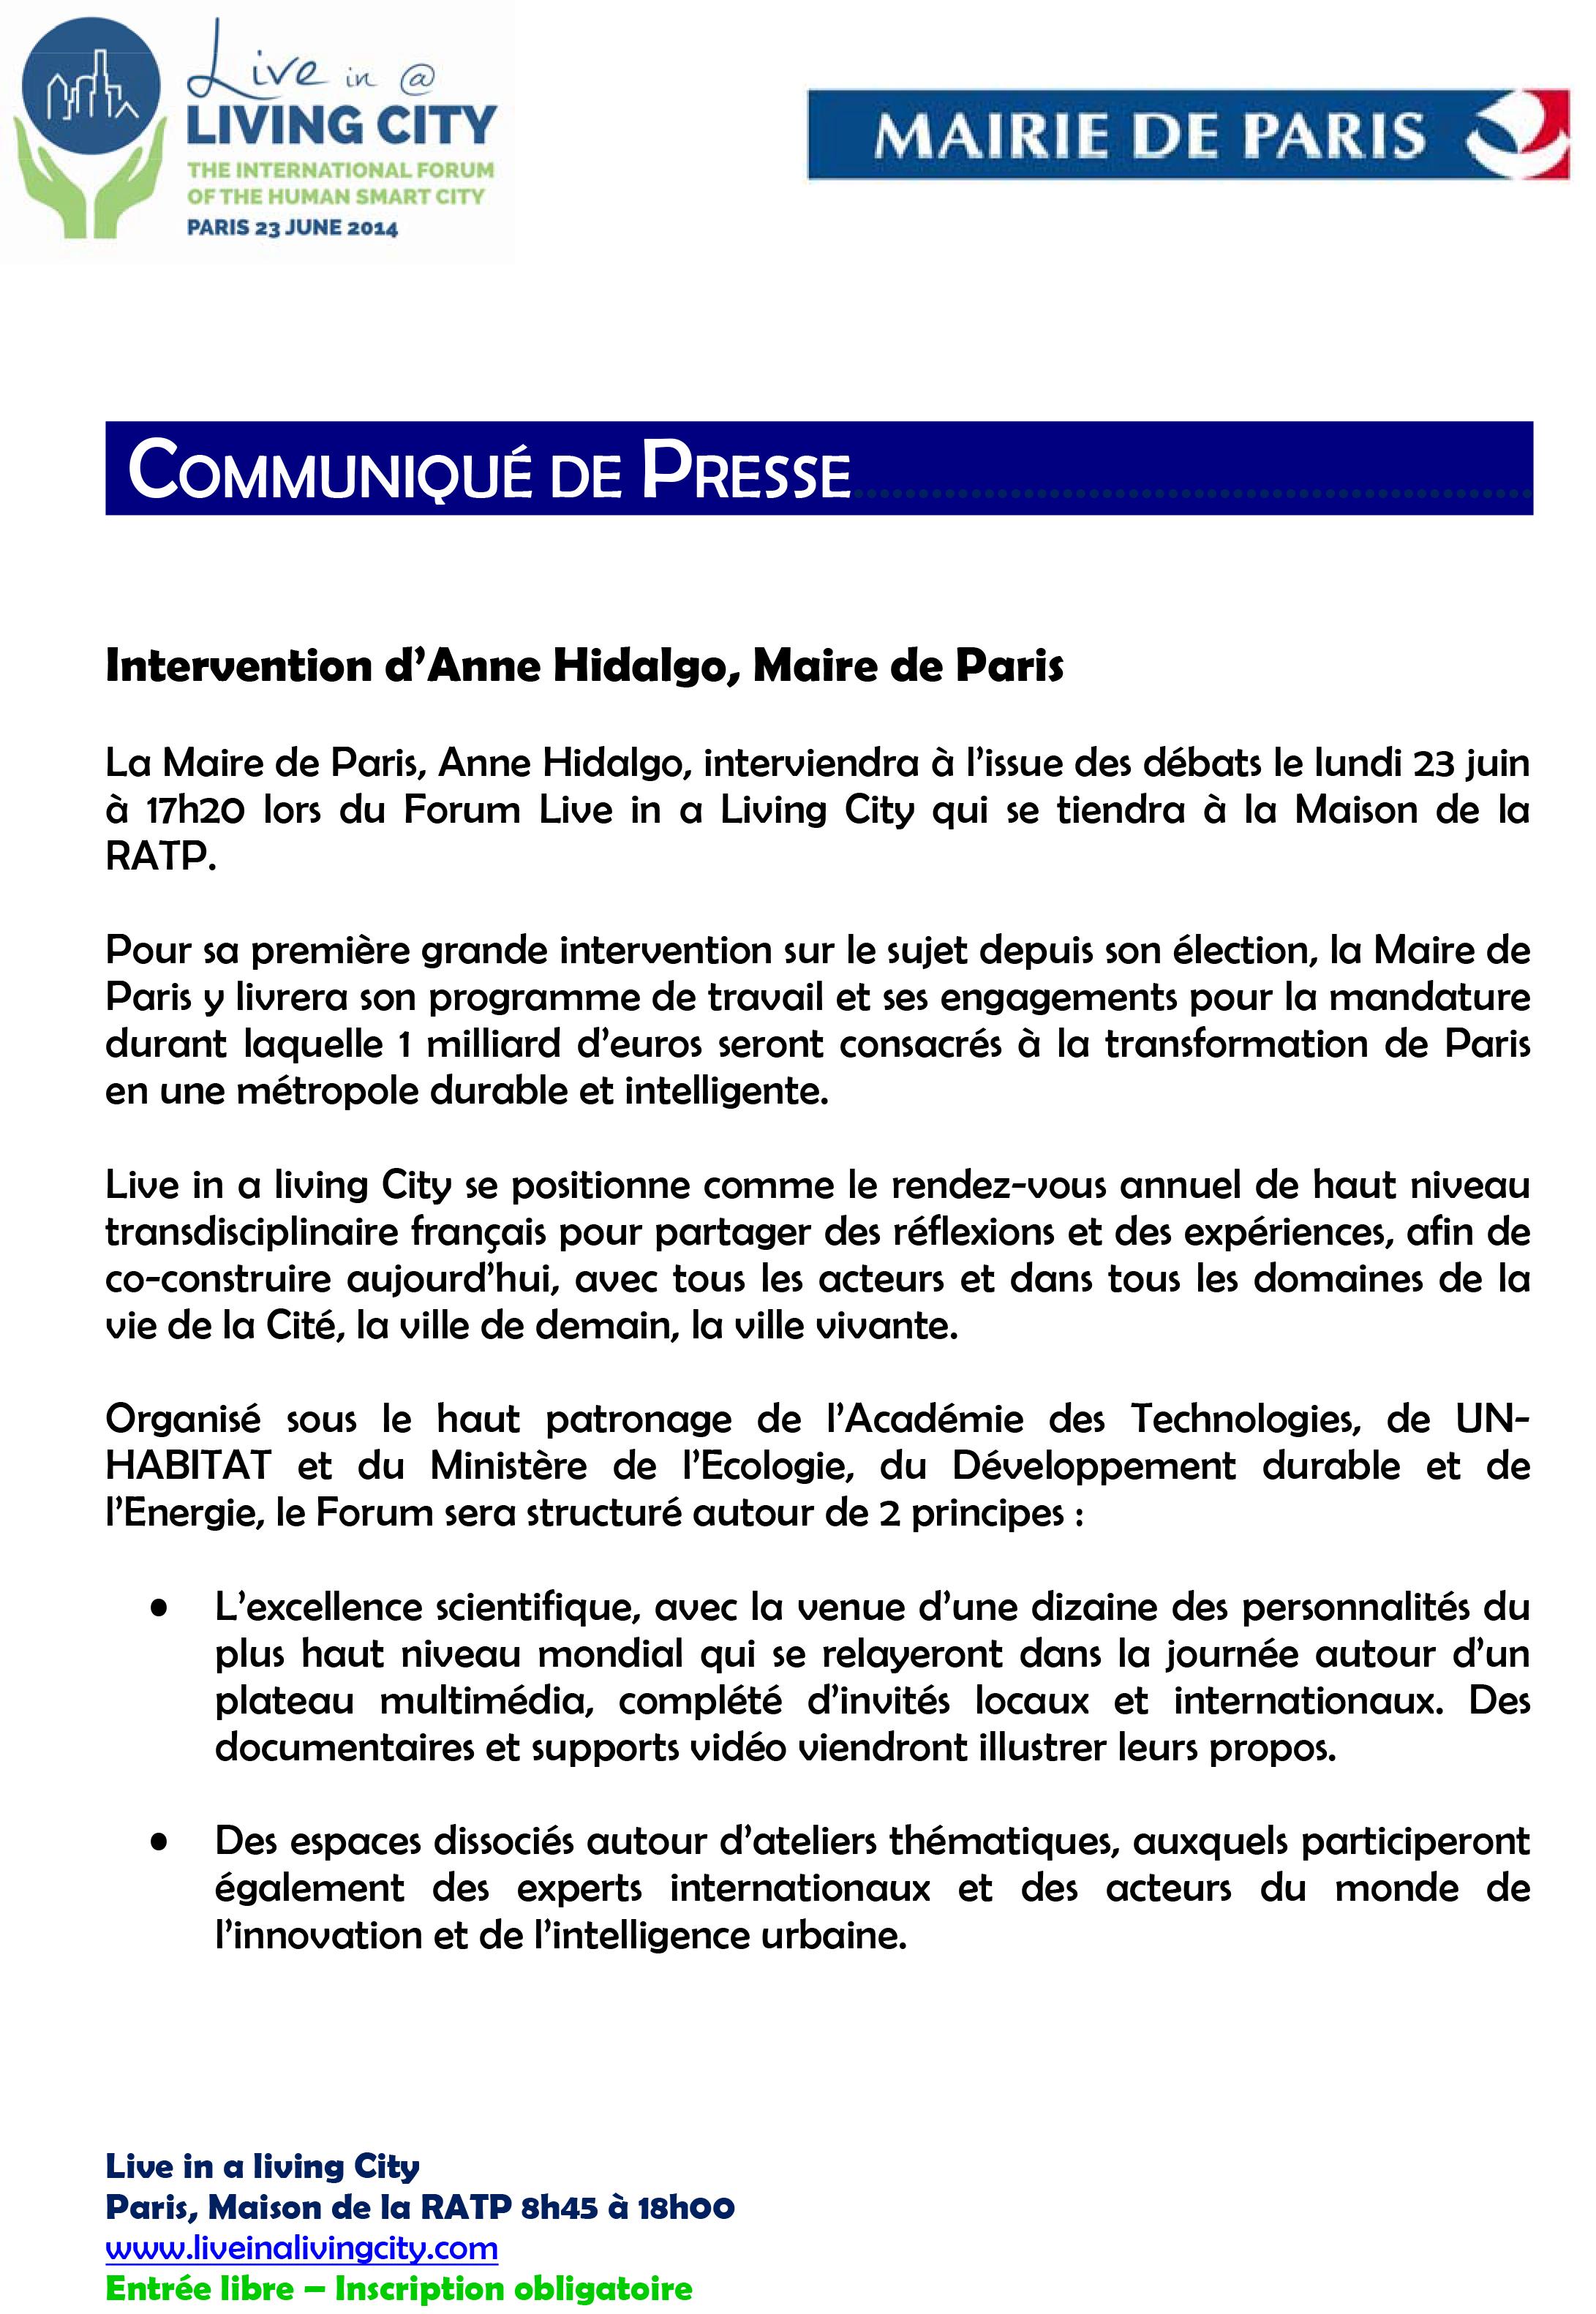 Mairie-de-Paris-Anne-Hidalgo-le-23-juin-2014-(3)-(3)